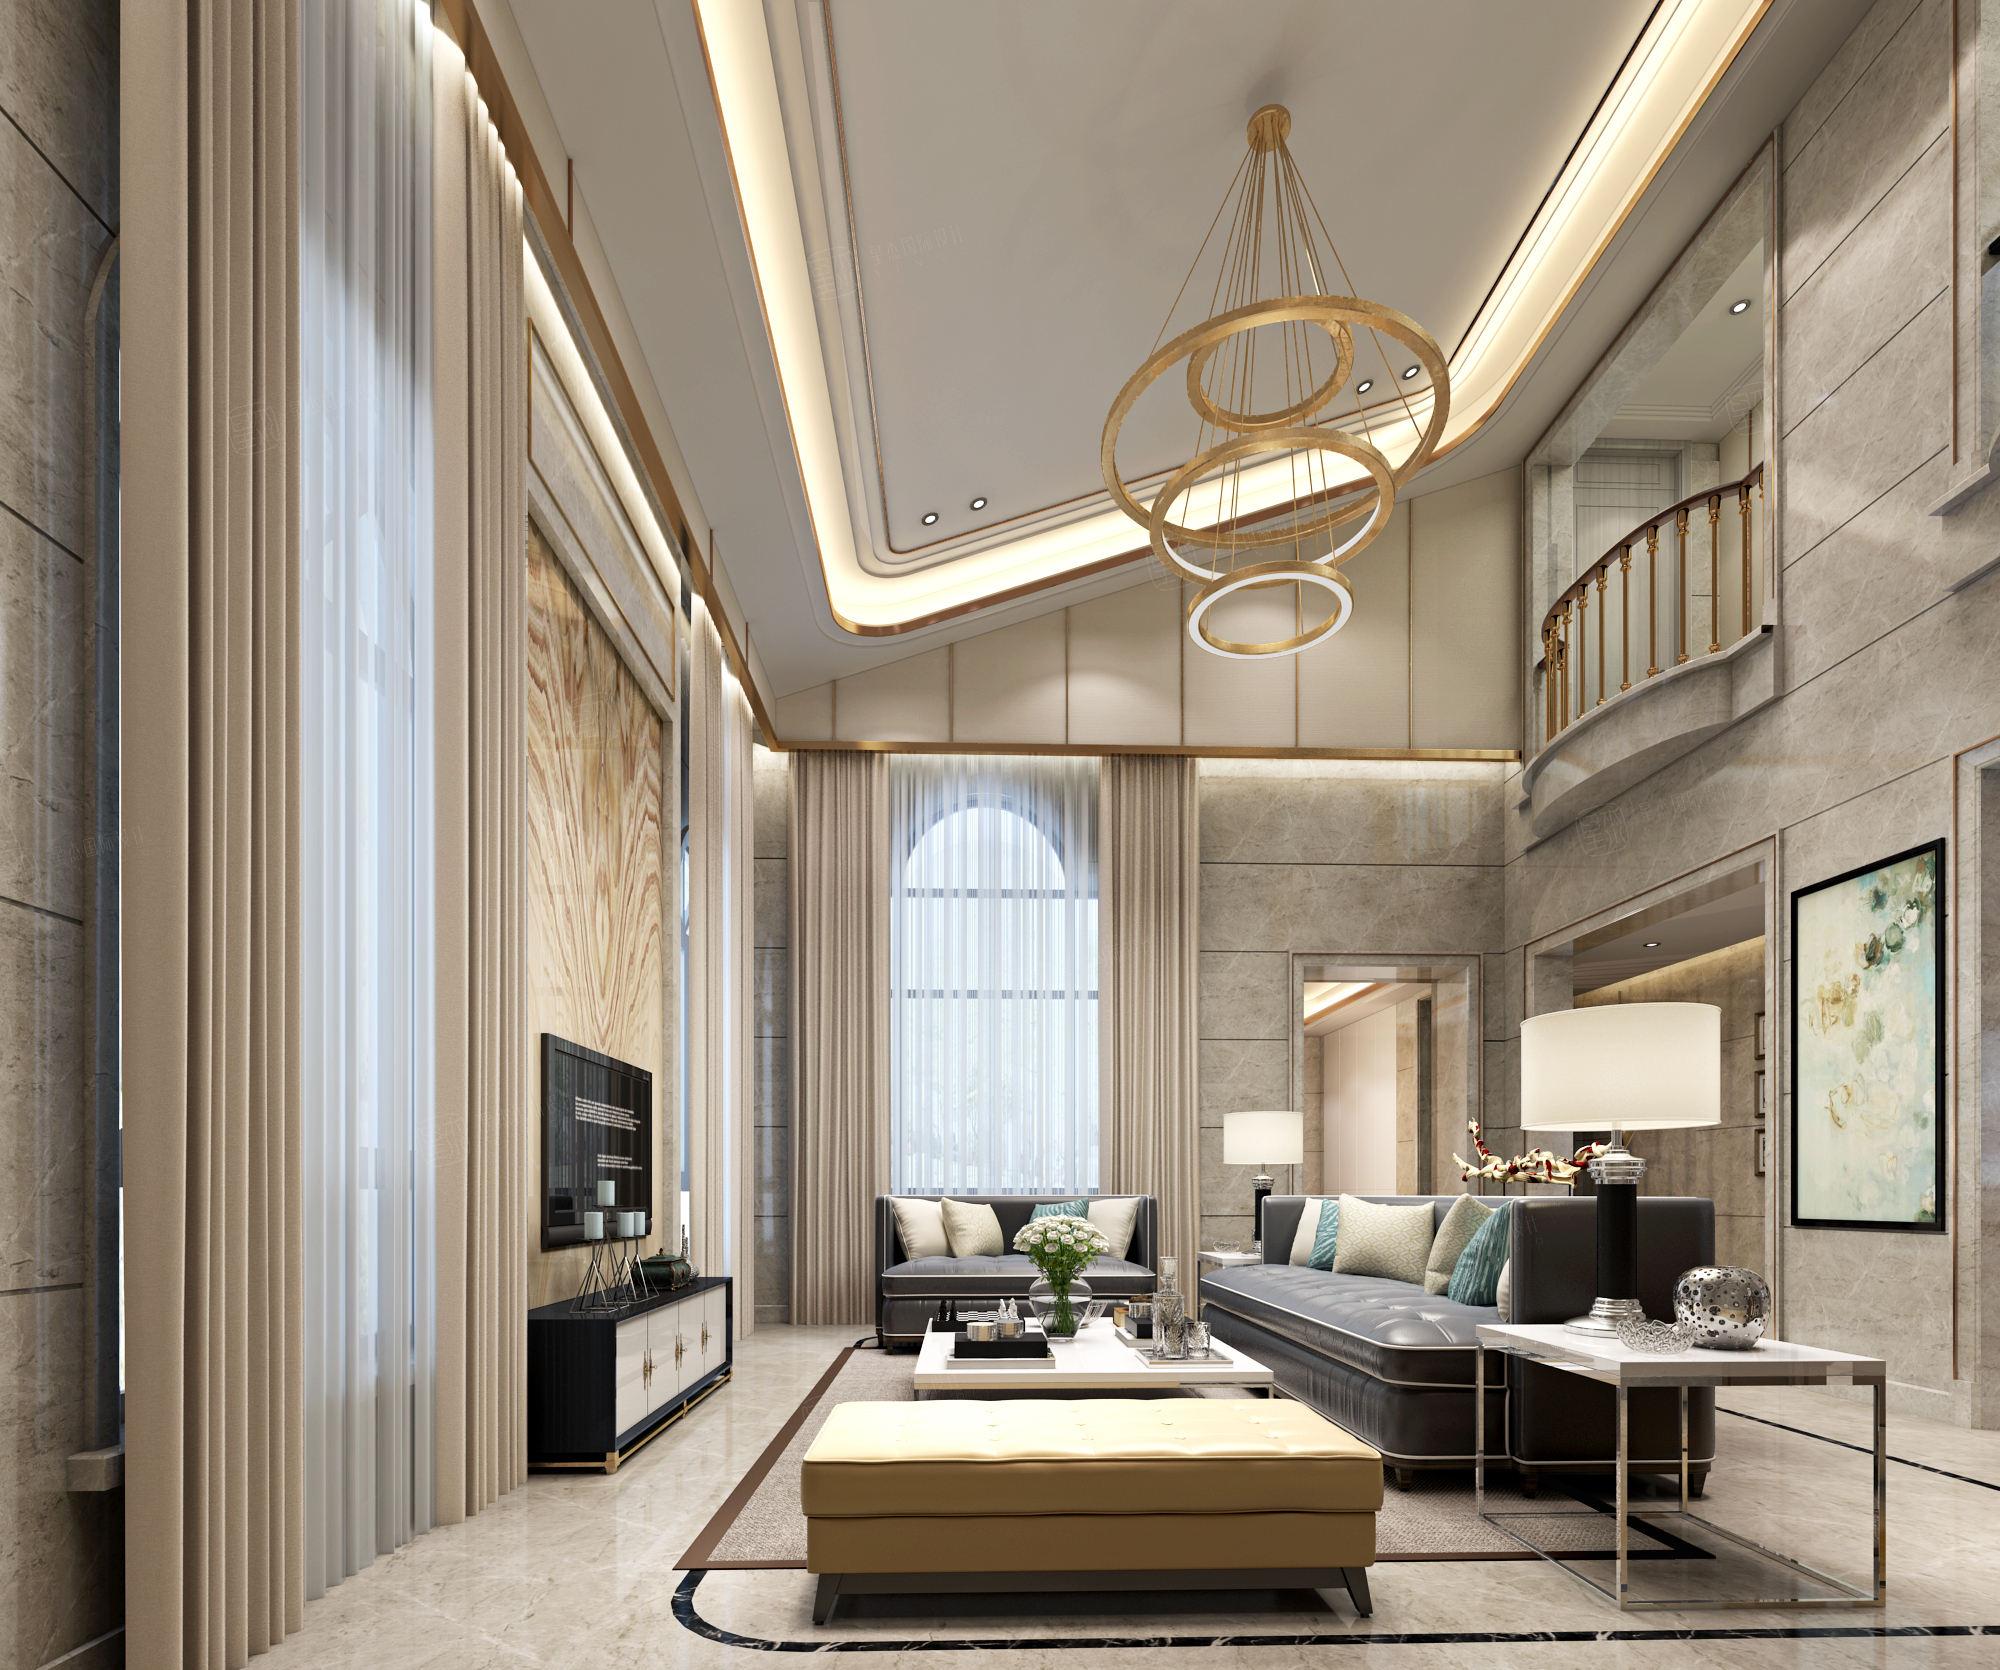 御翠园 现代风格装修客厅效果图